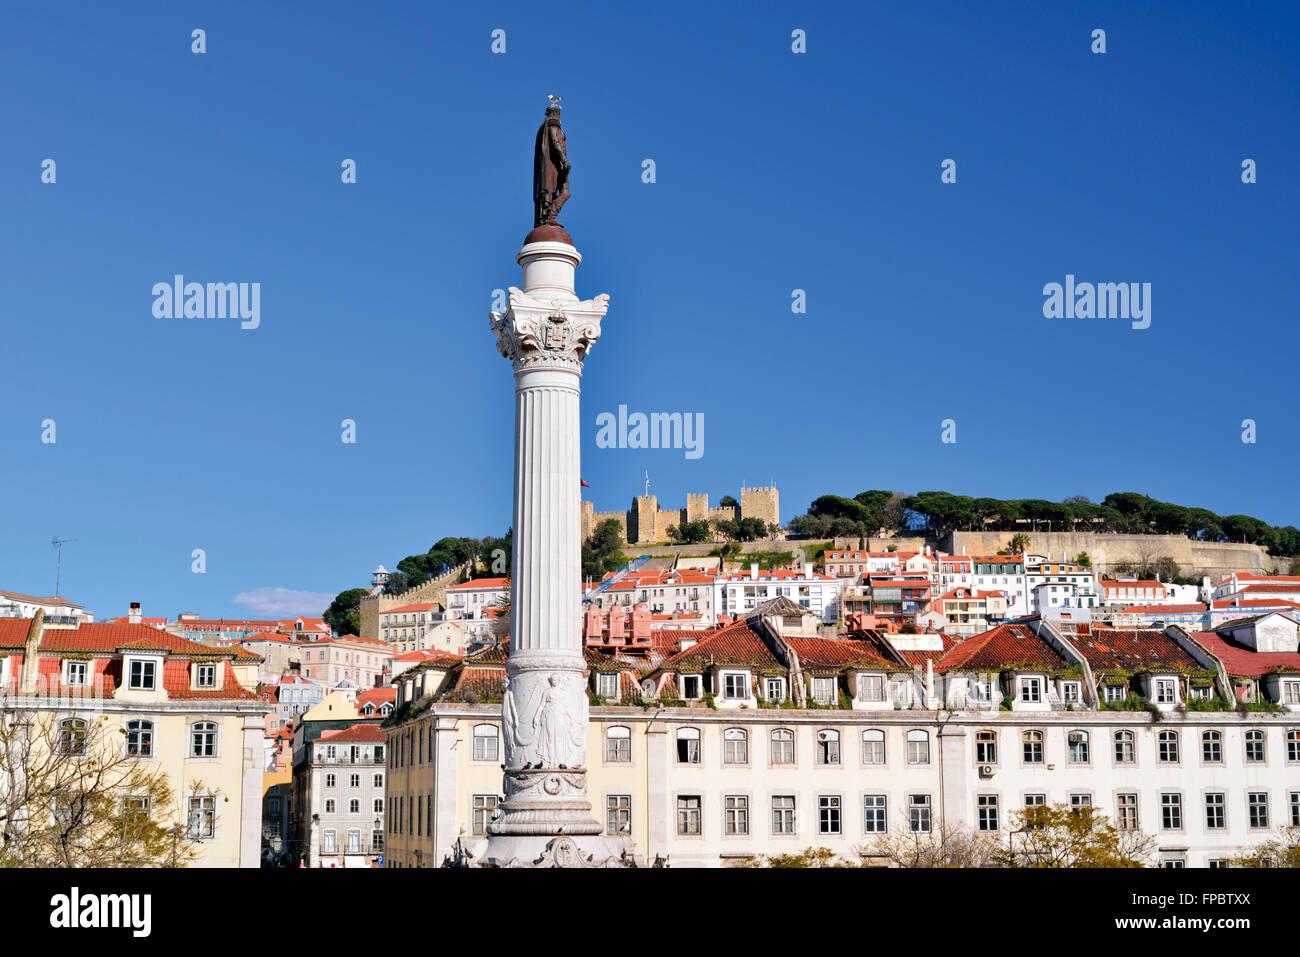 Portugal, Lissabon: Säule und Statue von Dom Pedro IV am Rossio-Platz mit Schloss im Hintergrund Stockbild